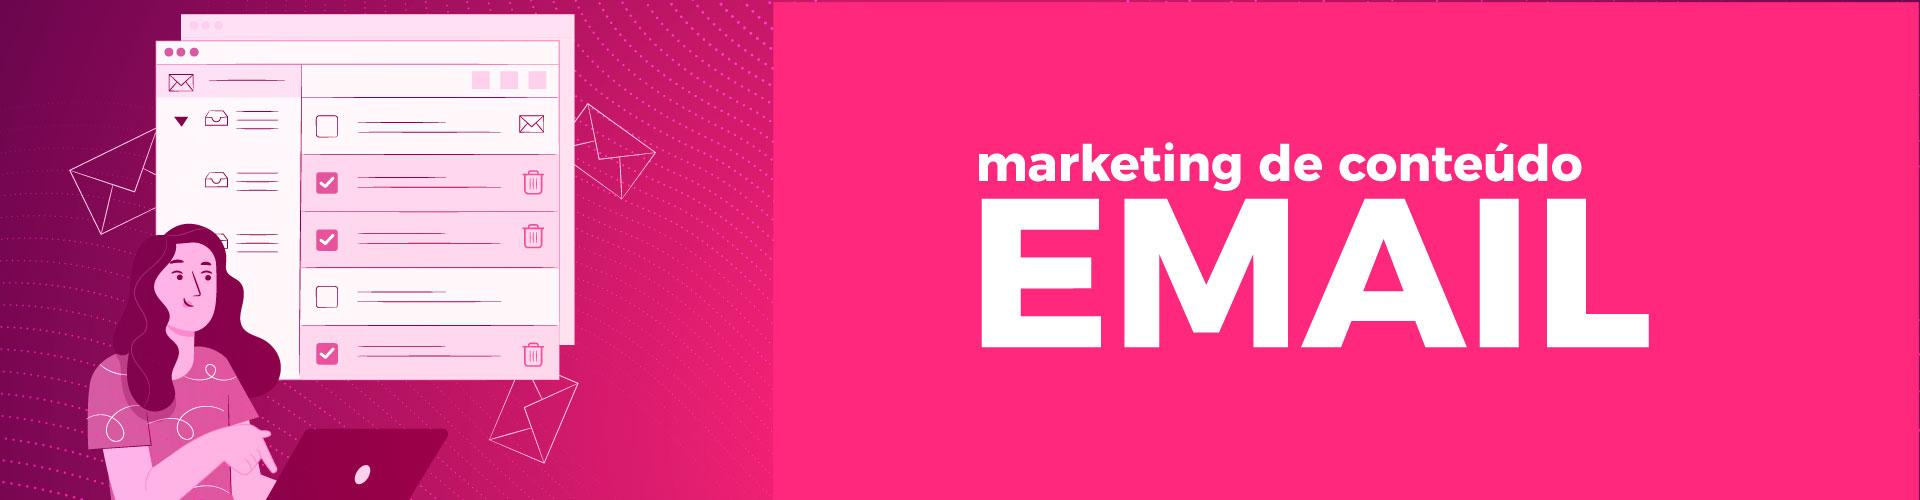 marketing de conteúdo e-mail